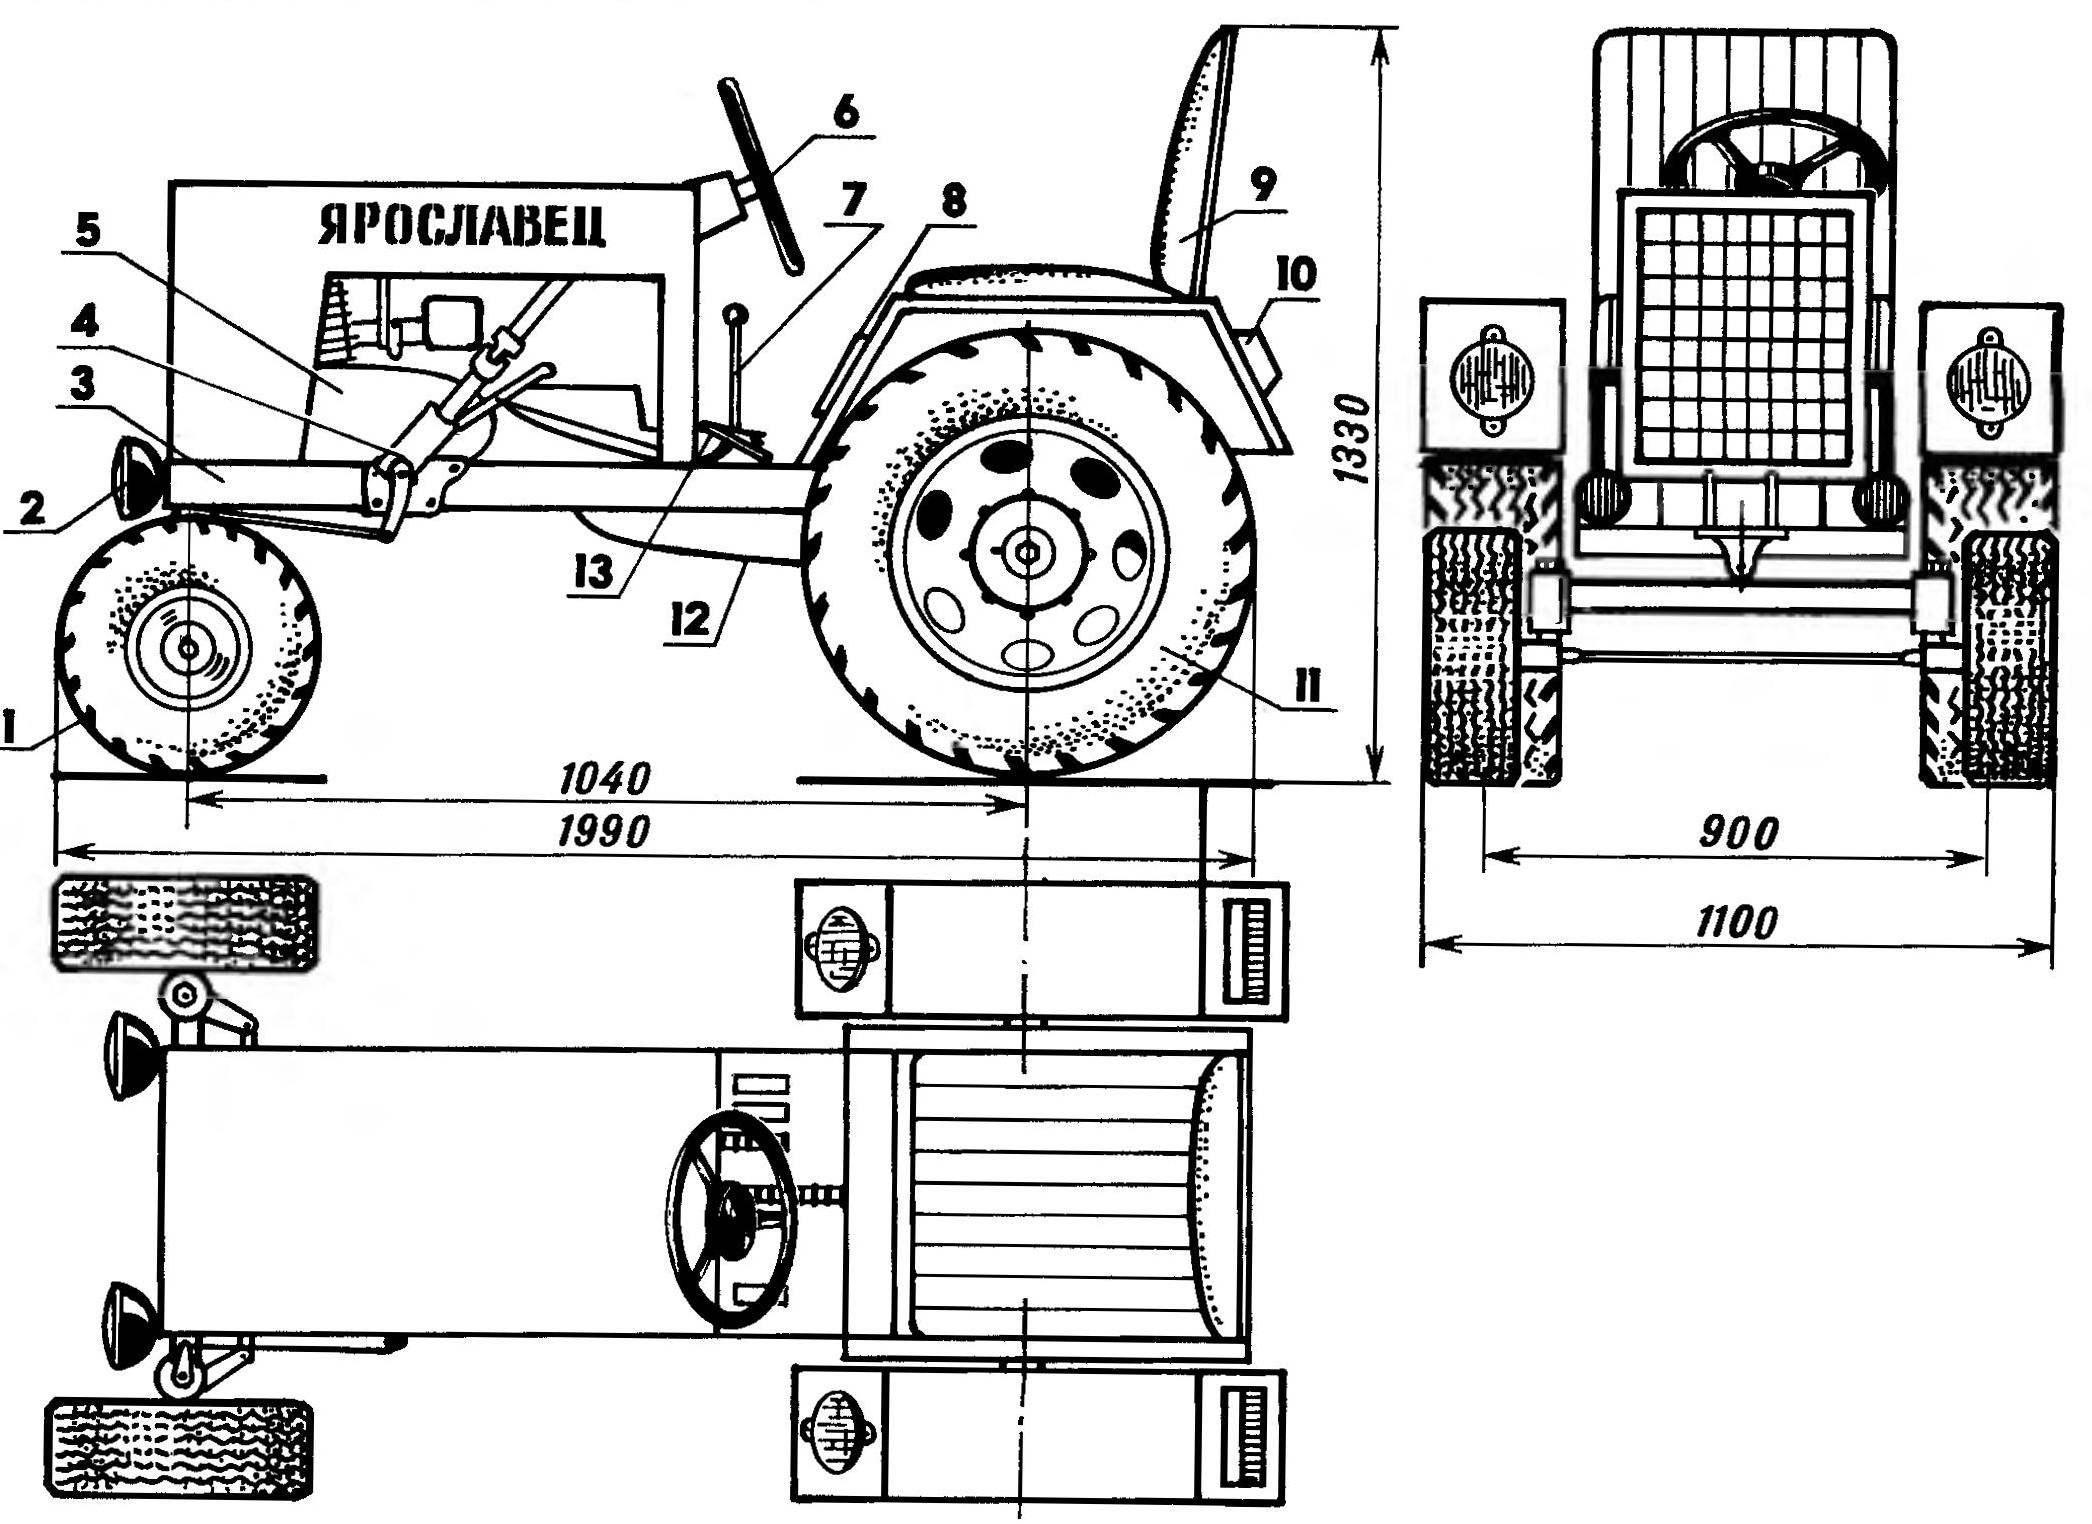 Компоновка мини-трактора